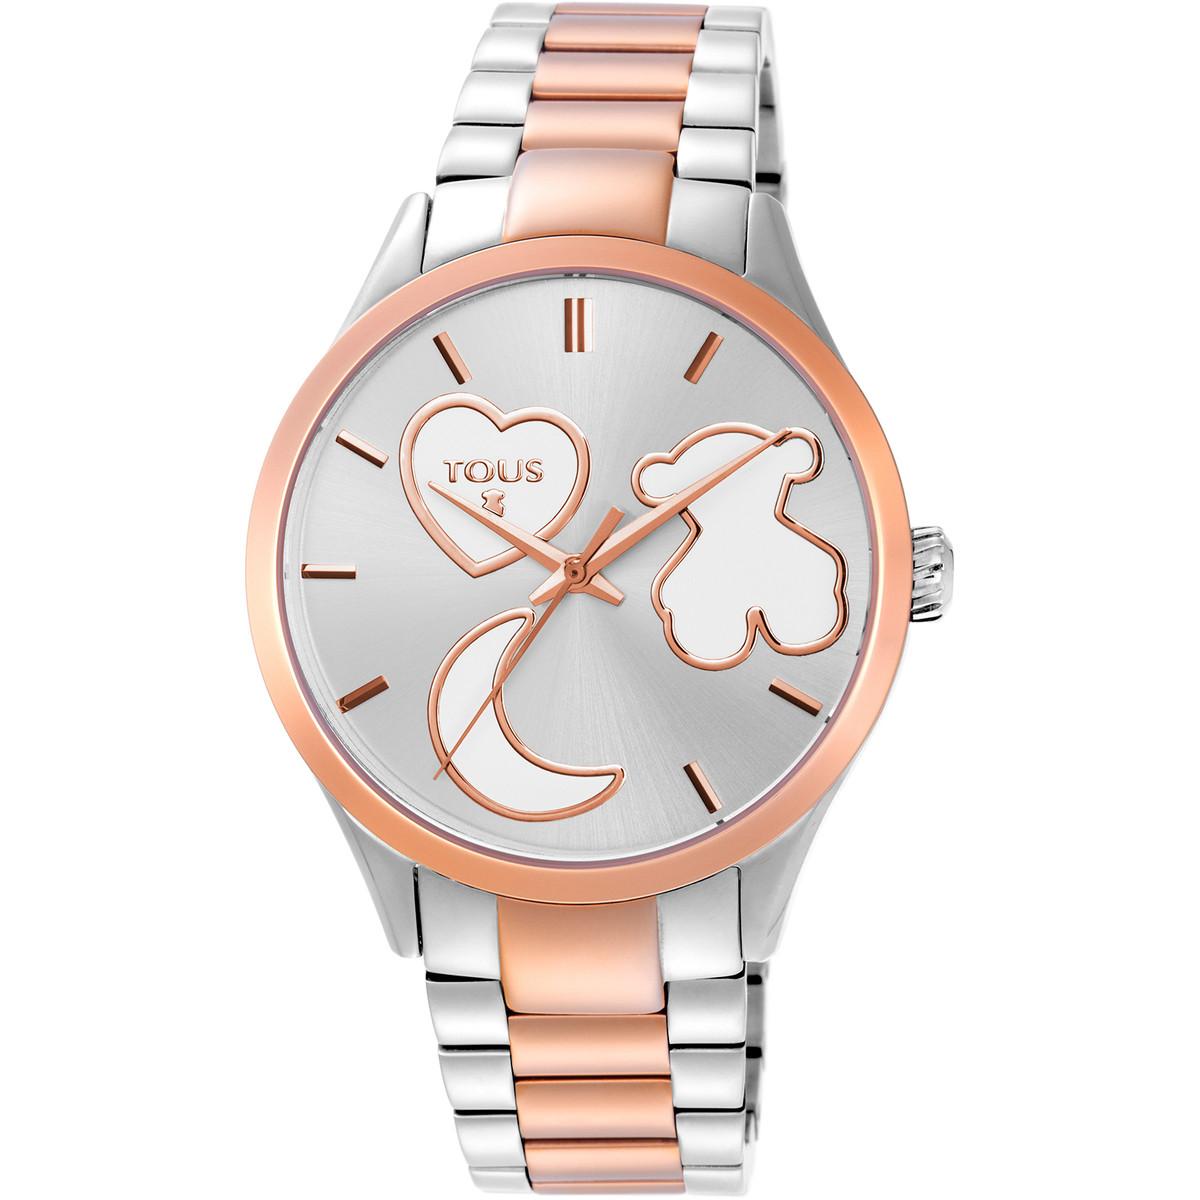 Reloj Tous para mujer Bicolor Rf-800350800 Reloj Tous para mujer Bicolor Rf-800350800 con cadena de acero inoxidable combinada en color plata y color rosado. Diámetro de la esfera 37 mm, resistente al agua hasta 5 Atm y cristal mineral. Posee movimiento de cuarzo y cierre de mariposa con pulsadores. Joyería la Joyita es distribuidor oficial de la marca TOUS y todos los relojes se servirán con su caja y garantia oficial.